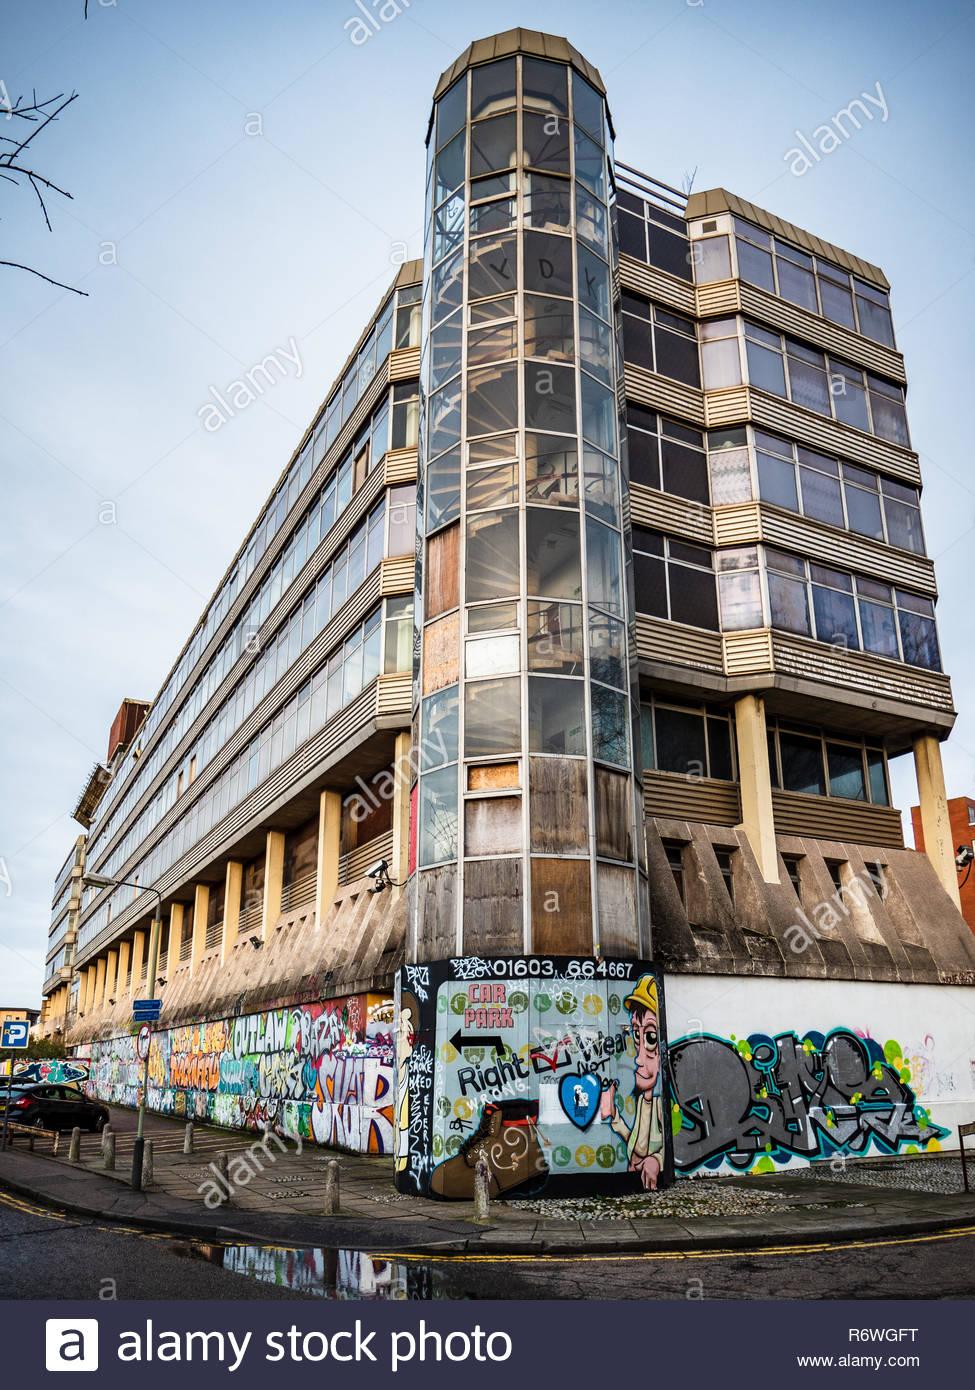 Maison souveraine à Norwich Anglia Square (architectes Alan Cooke Associates, 1966-1968) - Bâtiment de style brutaliste anciennement immobilier HM Stationery Office Photo Stock